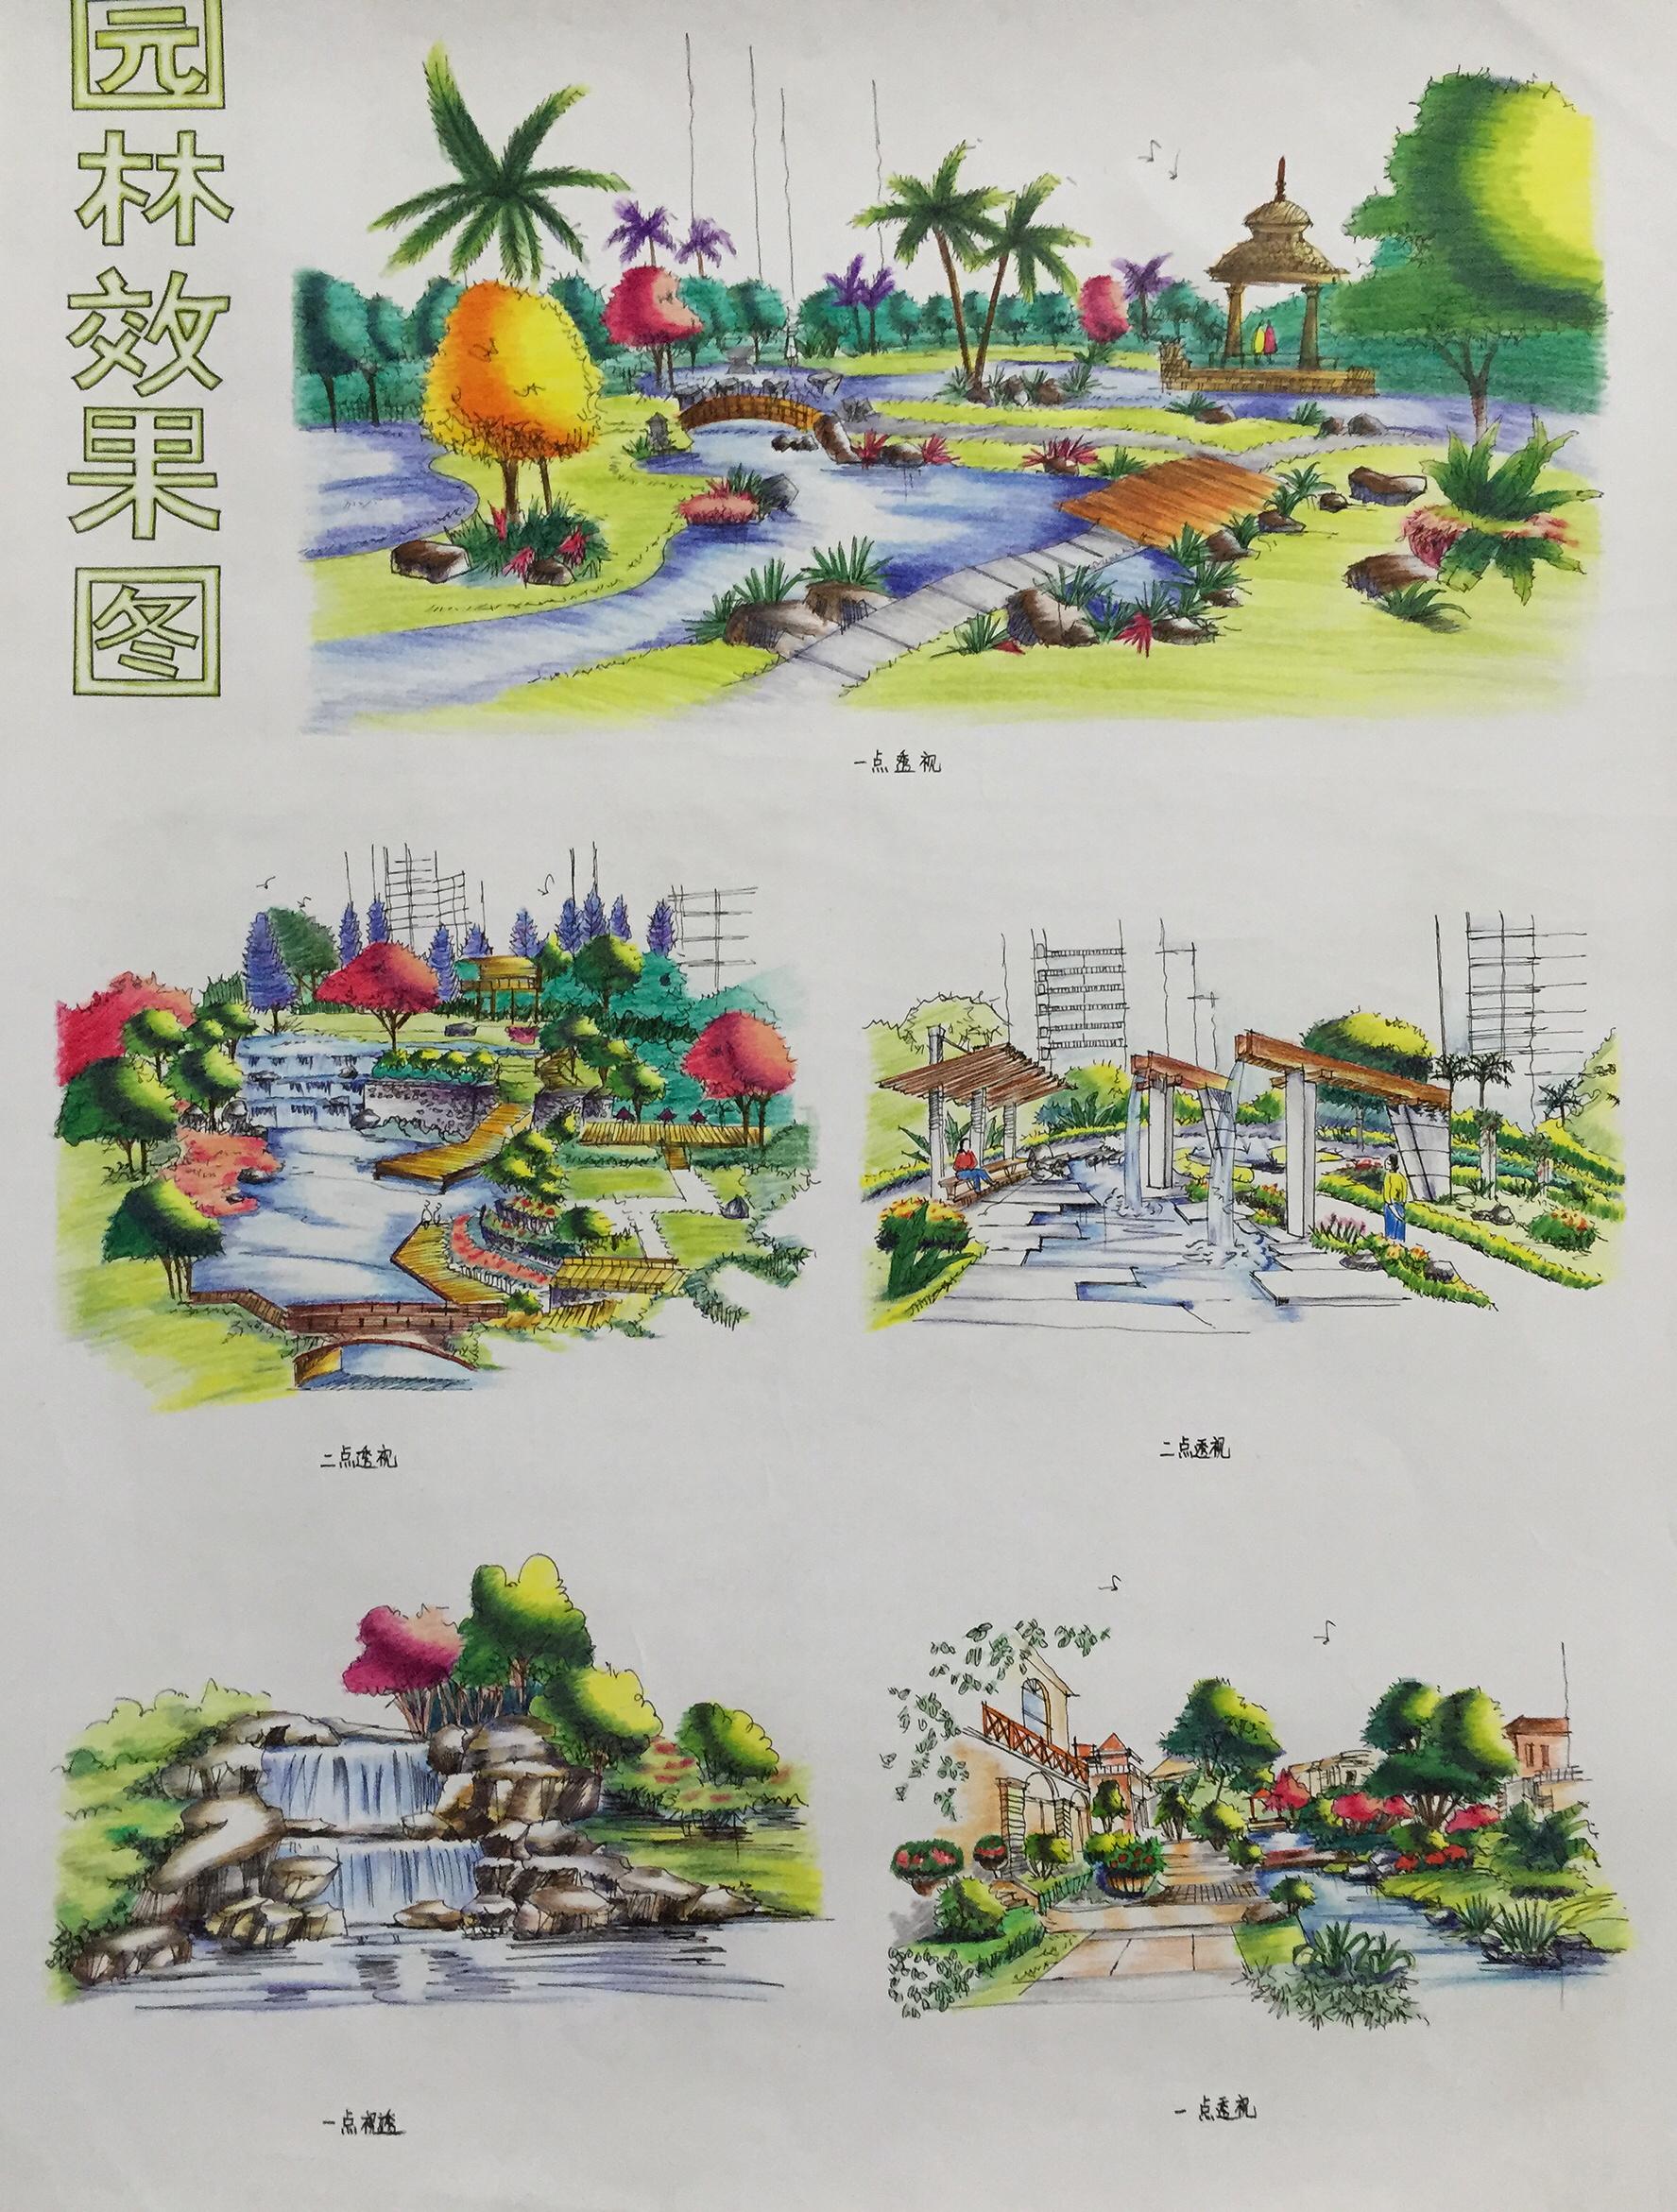 园林景观手绘效果图|纯艺术|彩铅|x可乐先生 - 原创